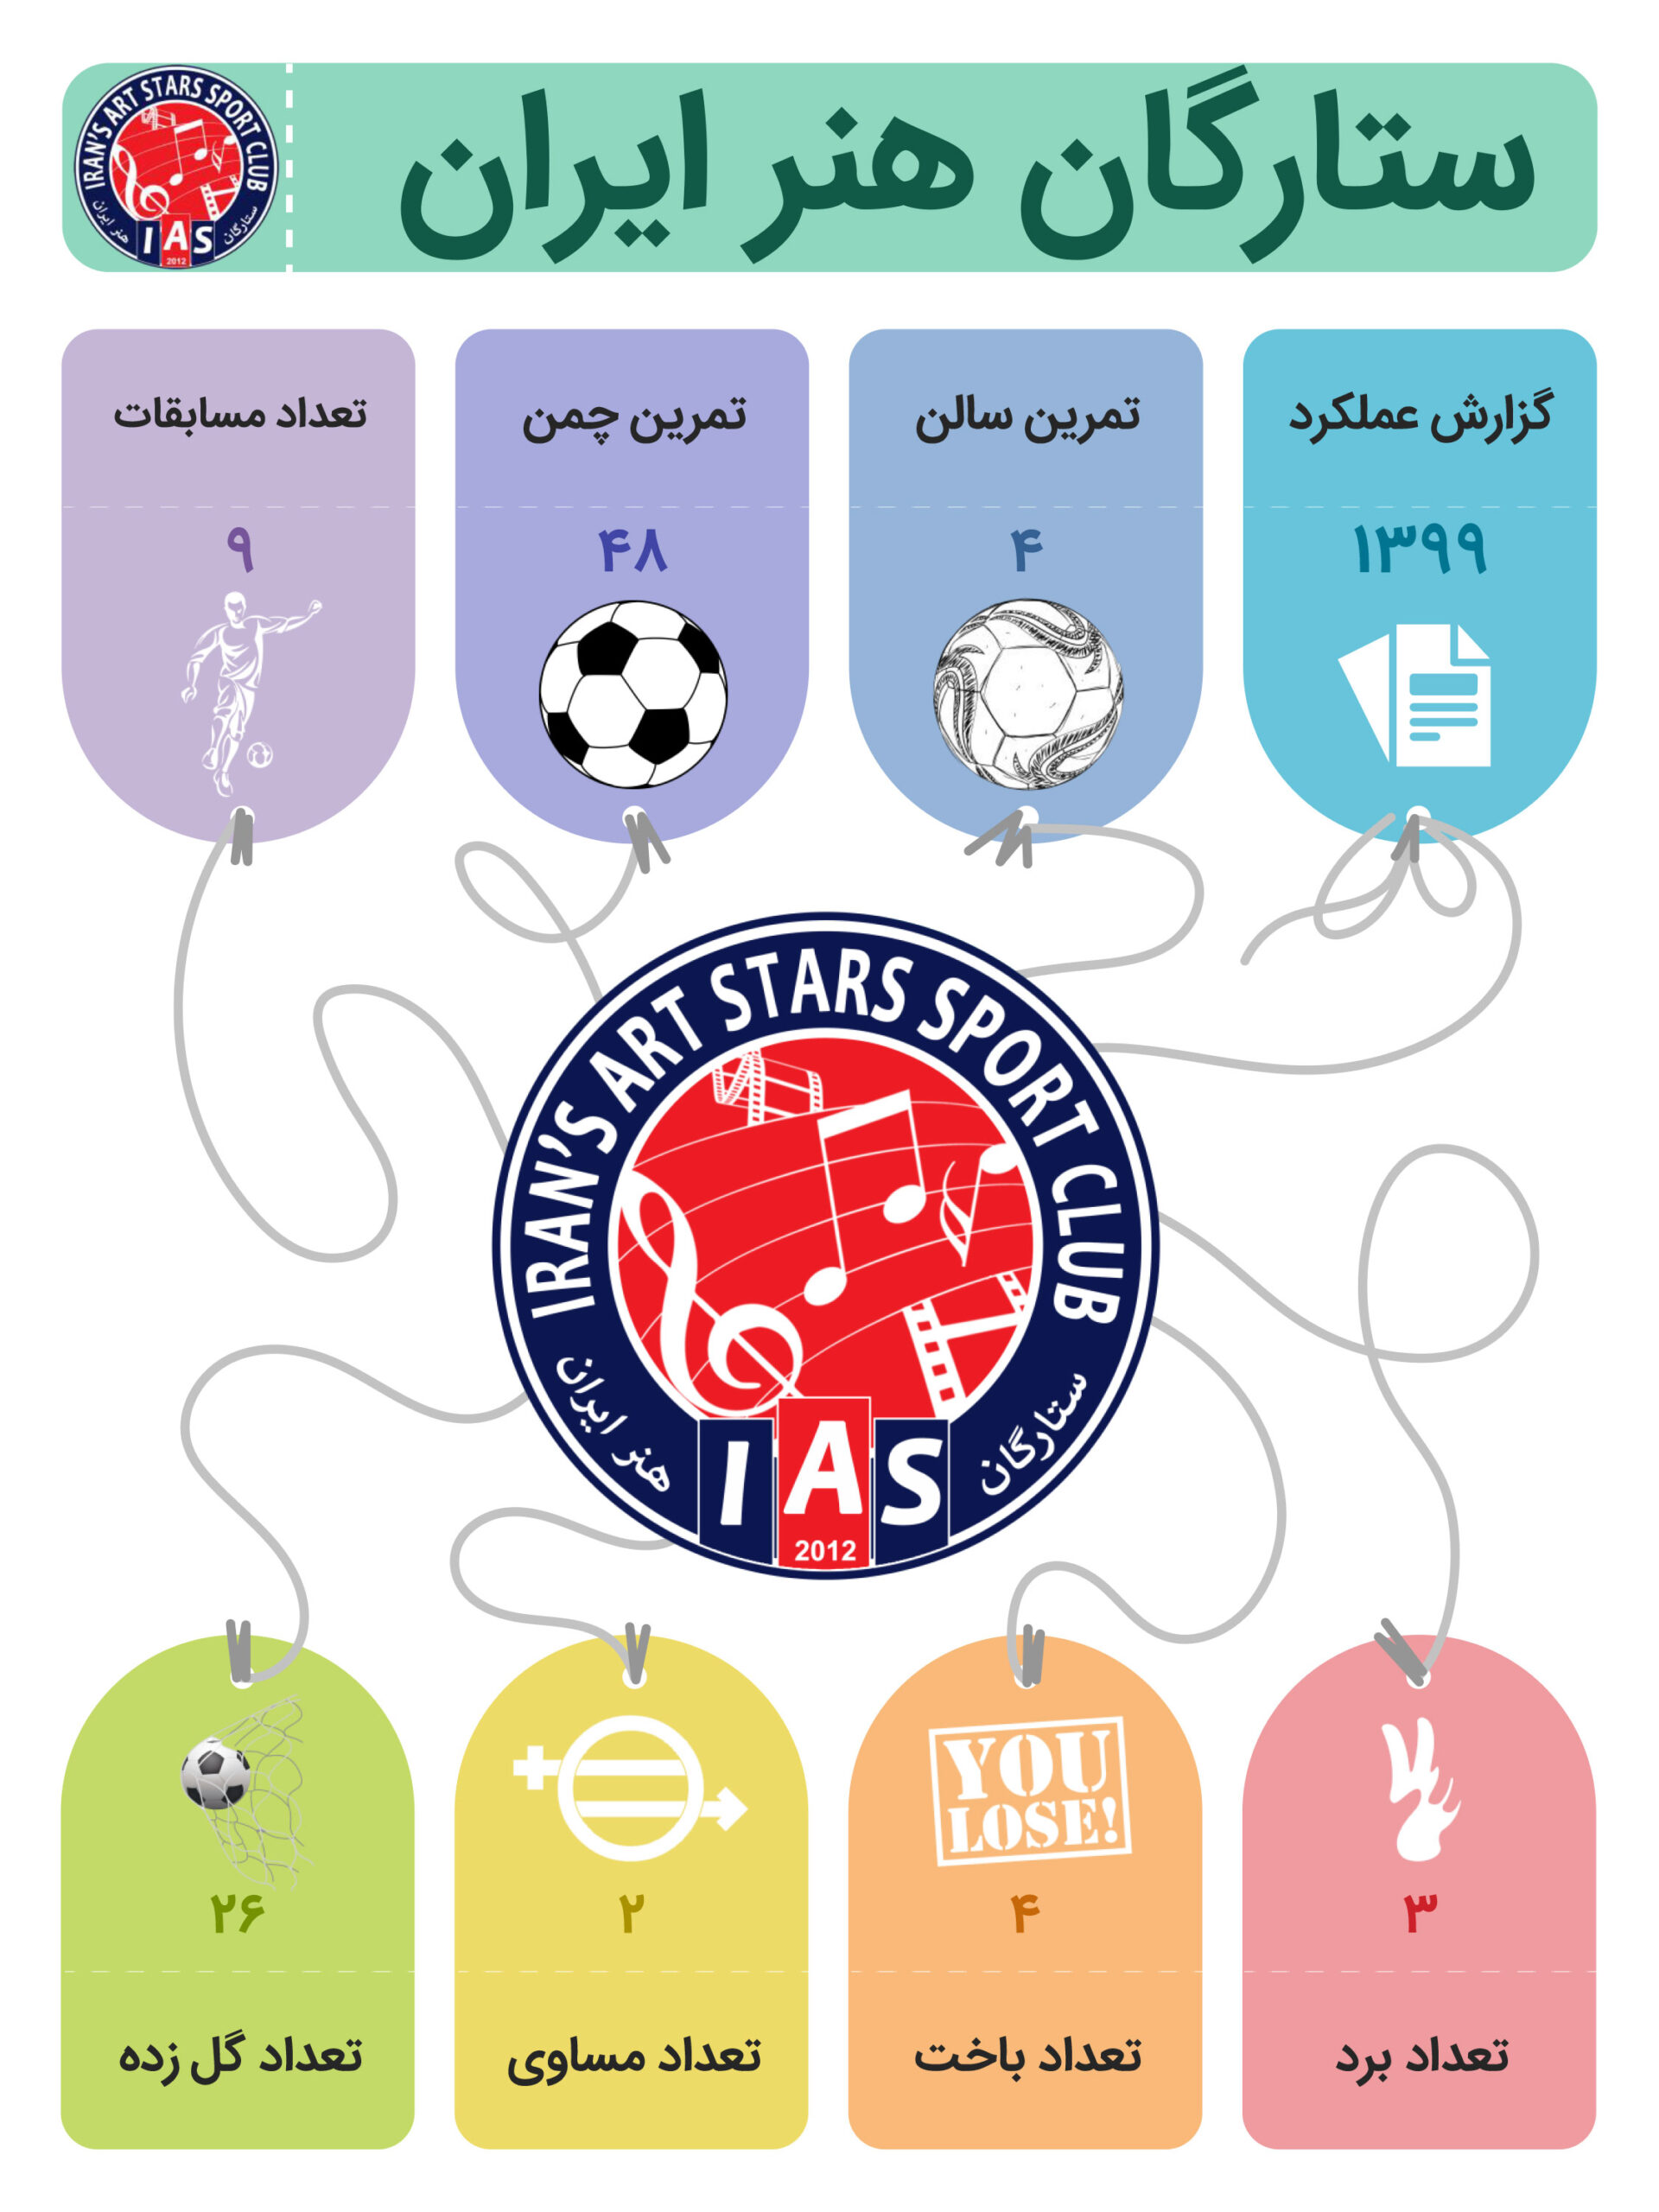 عملکرد ستارگان هنر ایران در سال 99